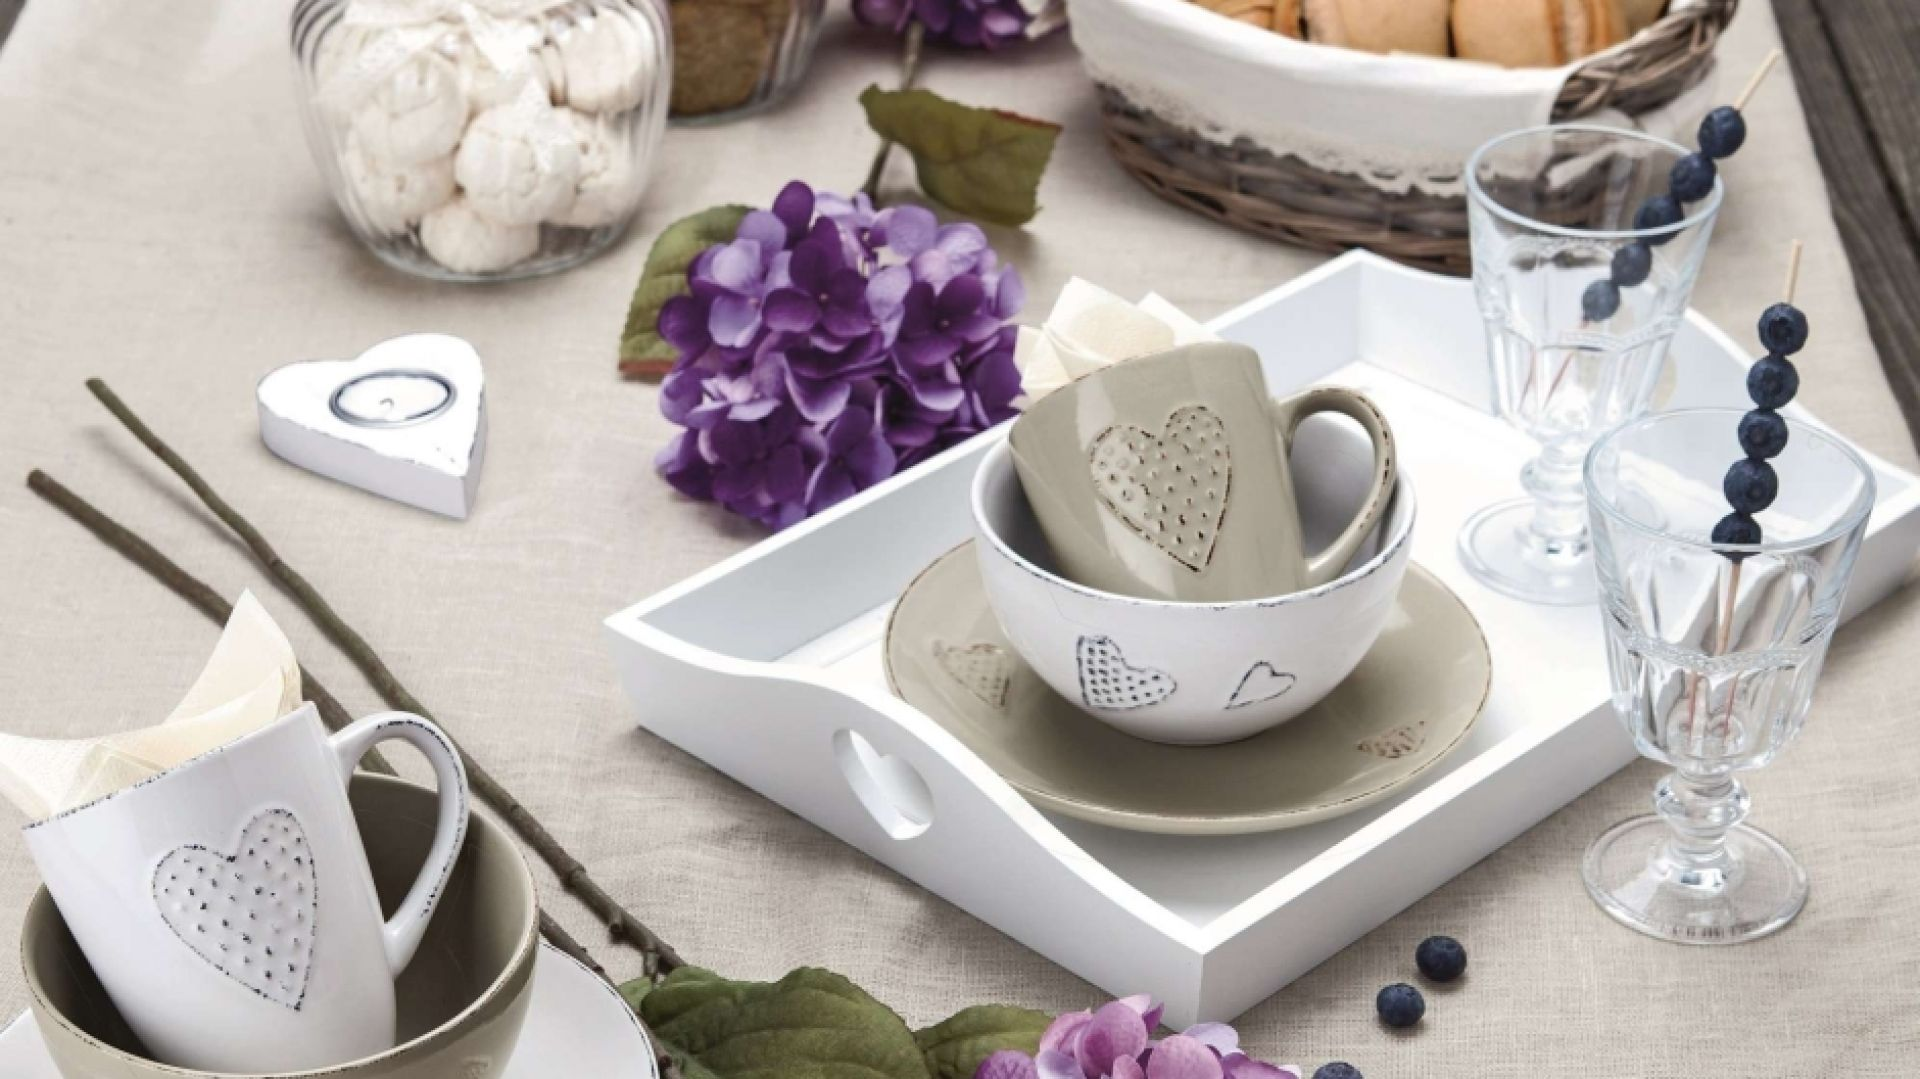 Najważniejsze w stylu prowansalskim są: prostota i naturalne materiały. Fot. KiK